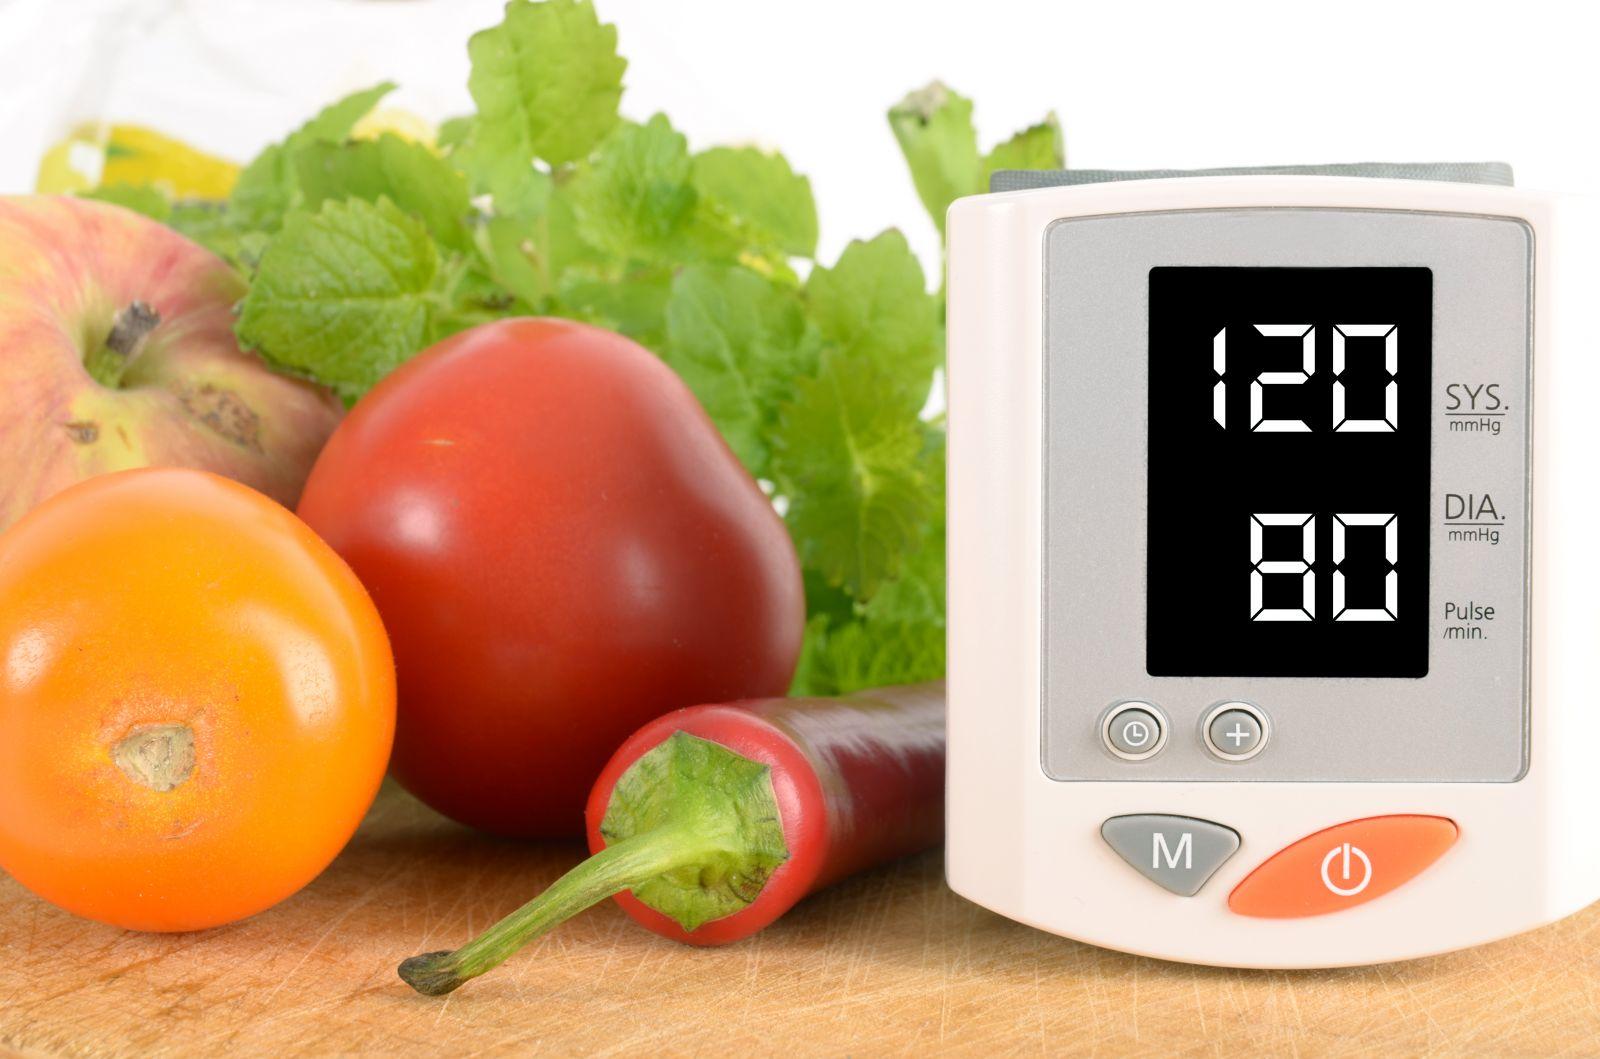 mi a probléma a magas vérnyomással magas vérnyomás tüdő- vagy szívbetegség